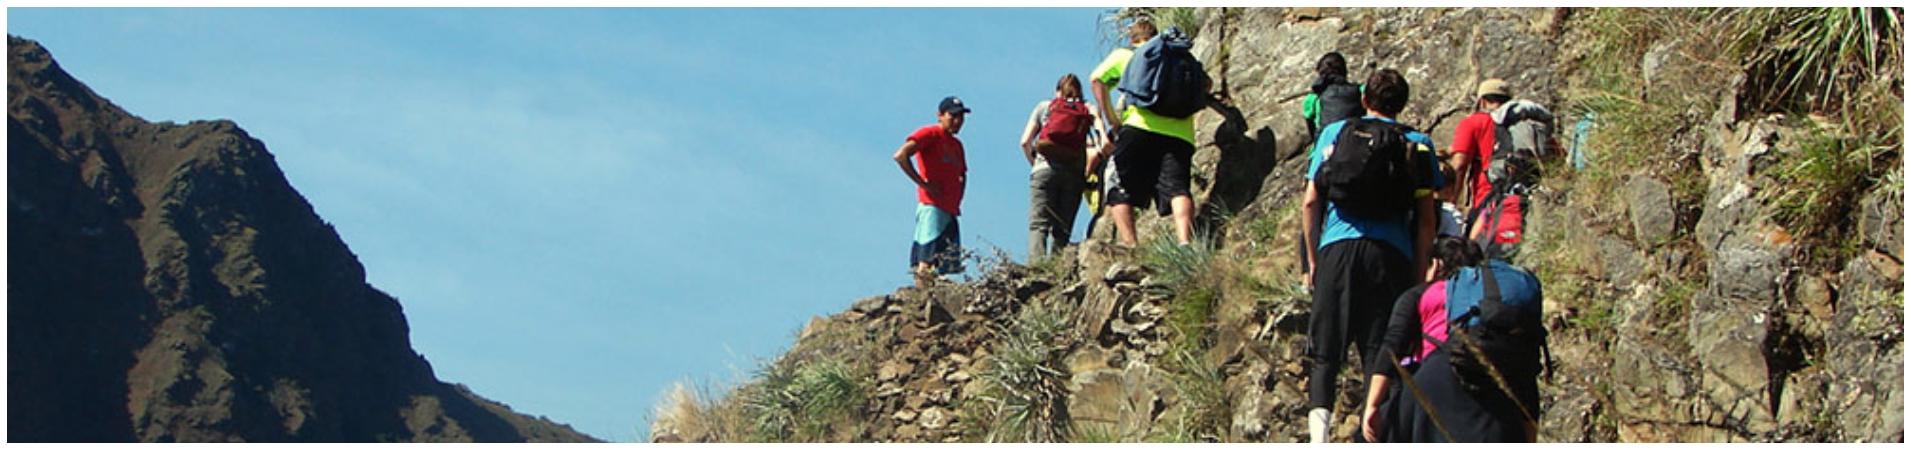 Camino Inca a Machu Picchu 4 dias qori inka travel